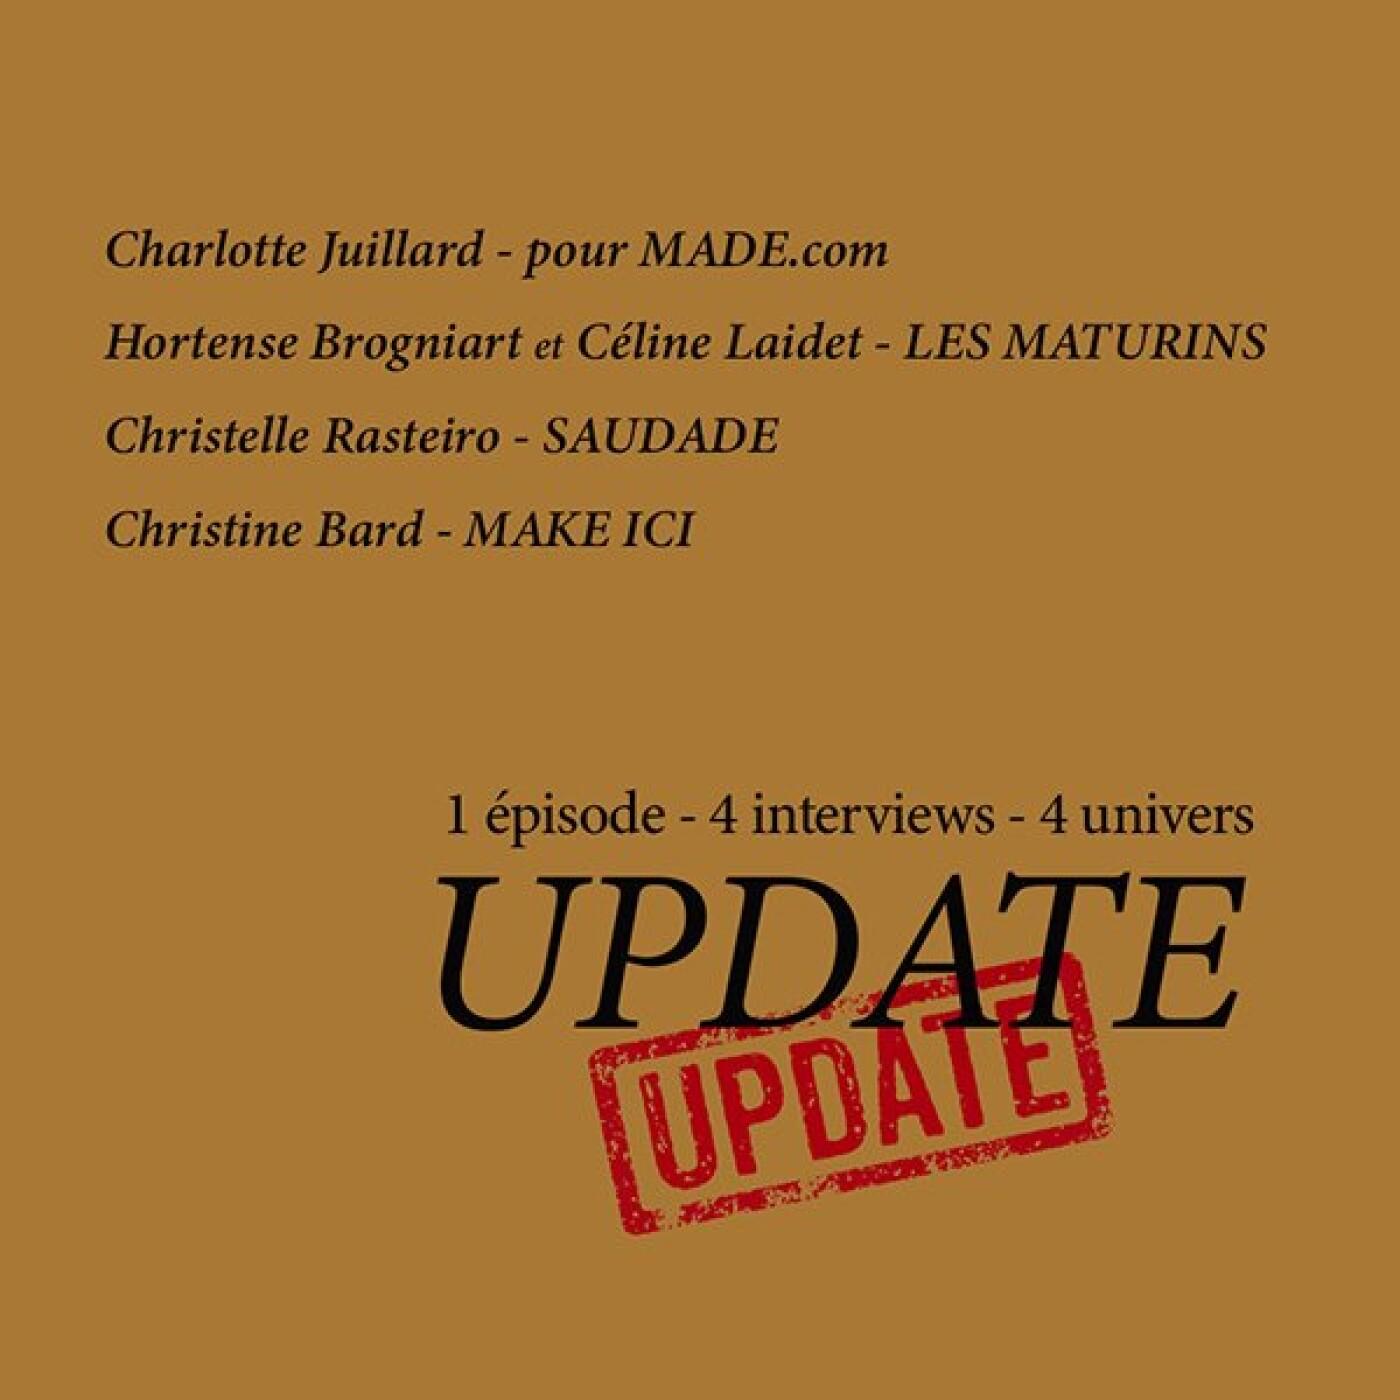 UPDATE #5, quoi de neuf en déco ? Avec Charlotte Juillard x Made, Les Maturins, Saudade et Make Iic